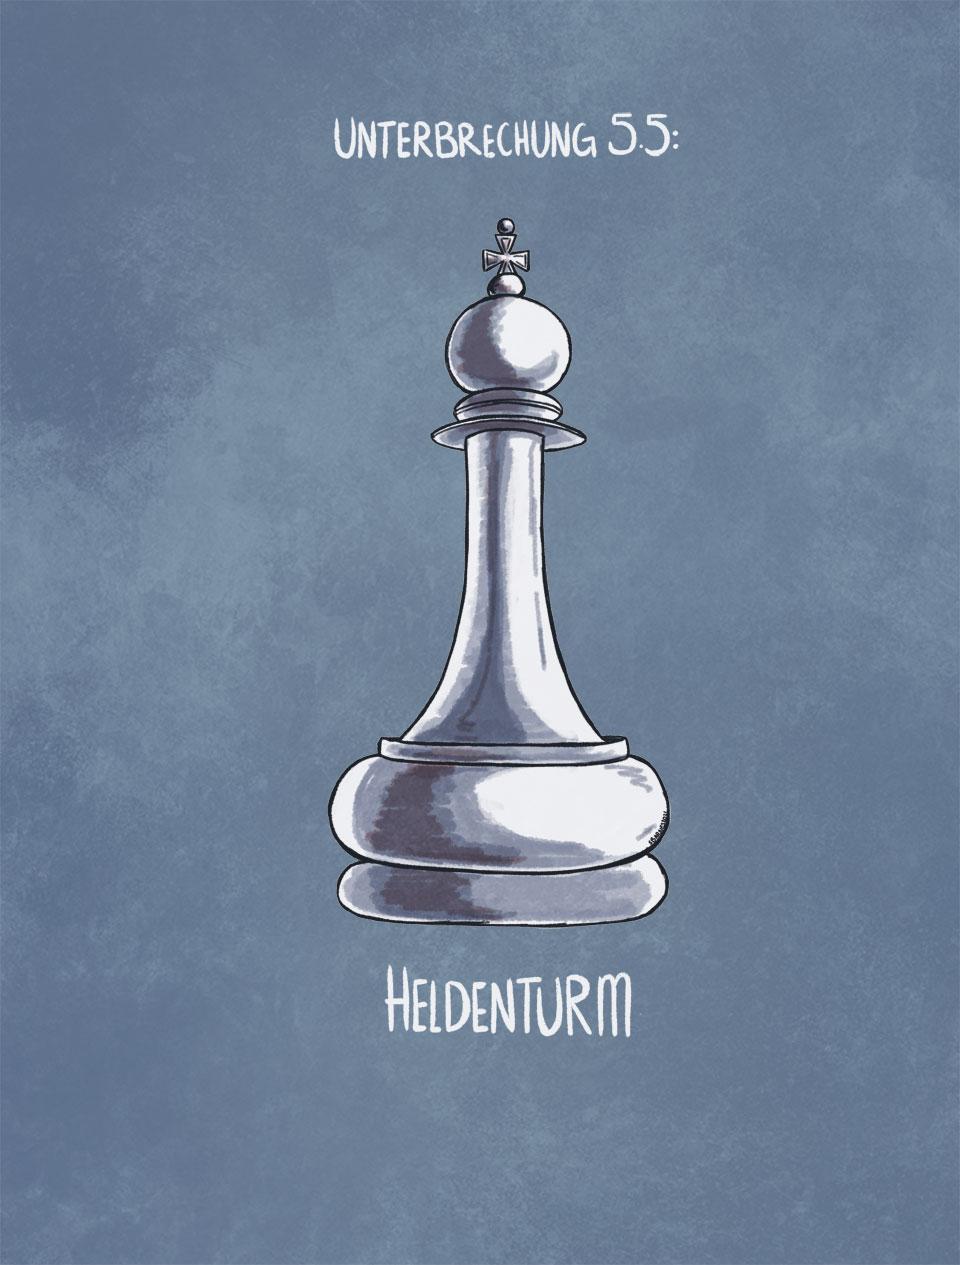 Heldenturm Title